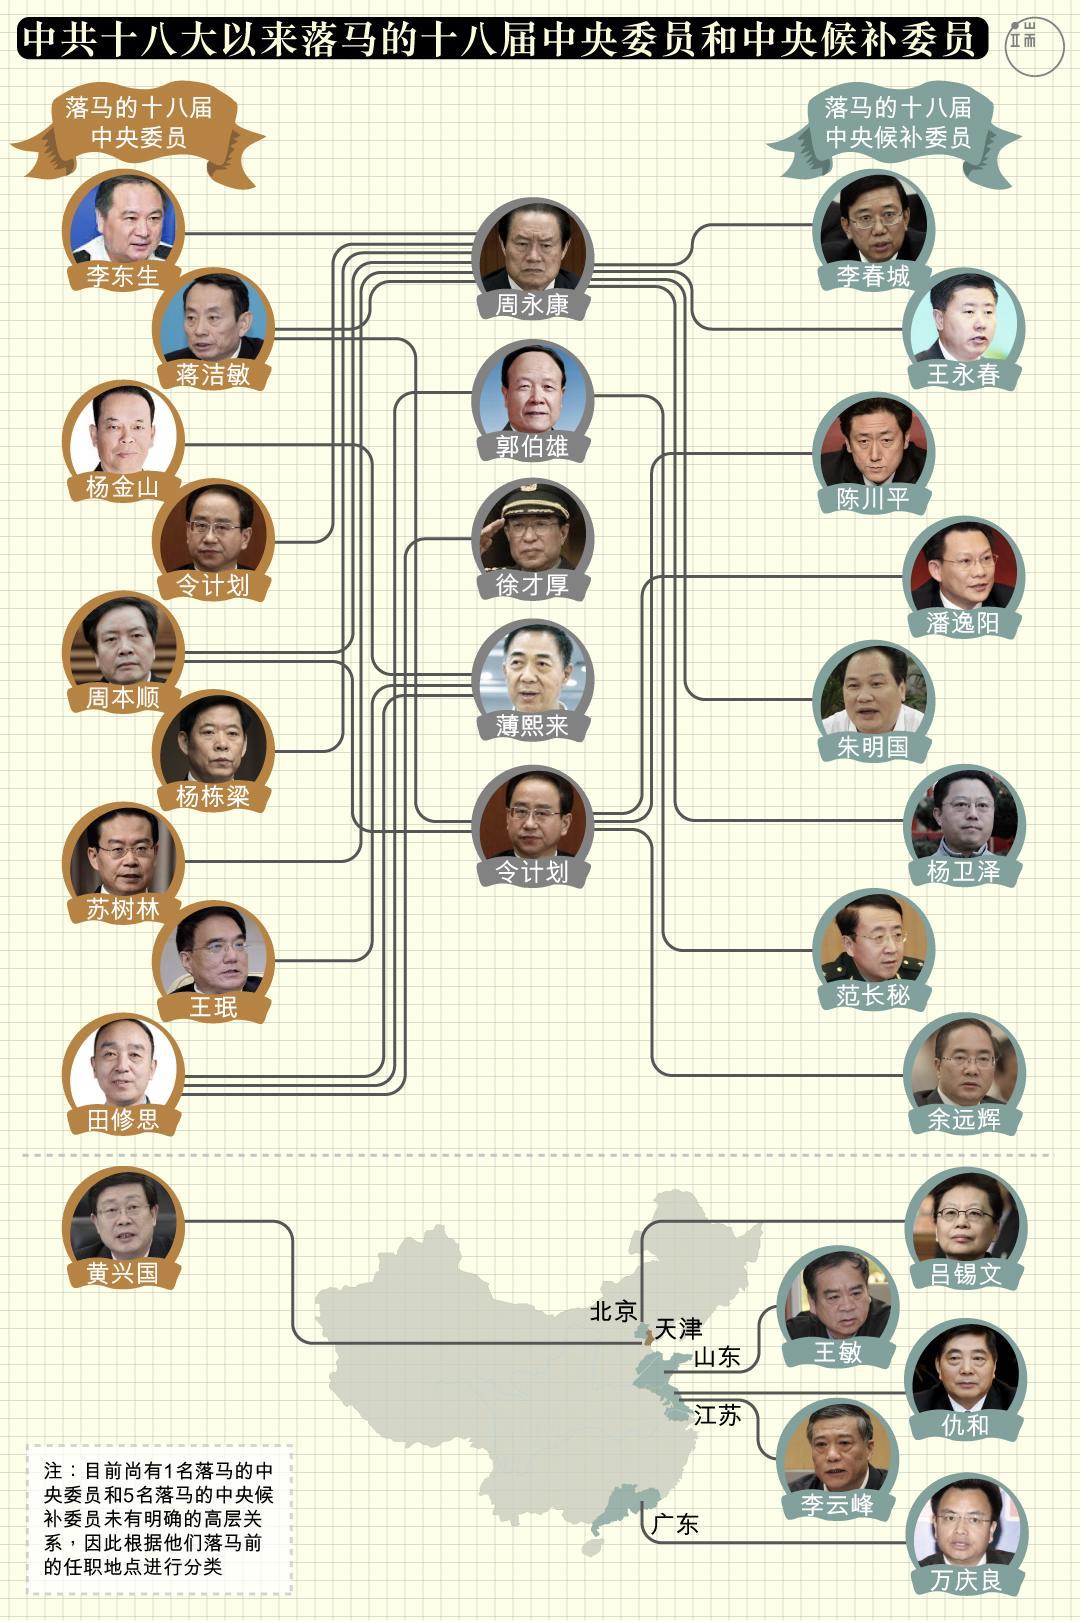 中共十八大以来落马的十八届中央委员和中央候补委员。图:端传媒设计部